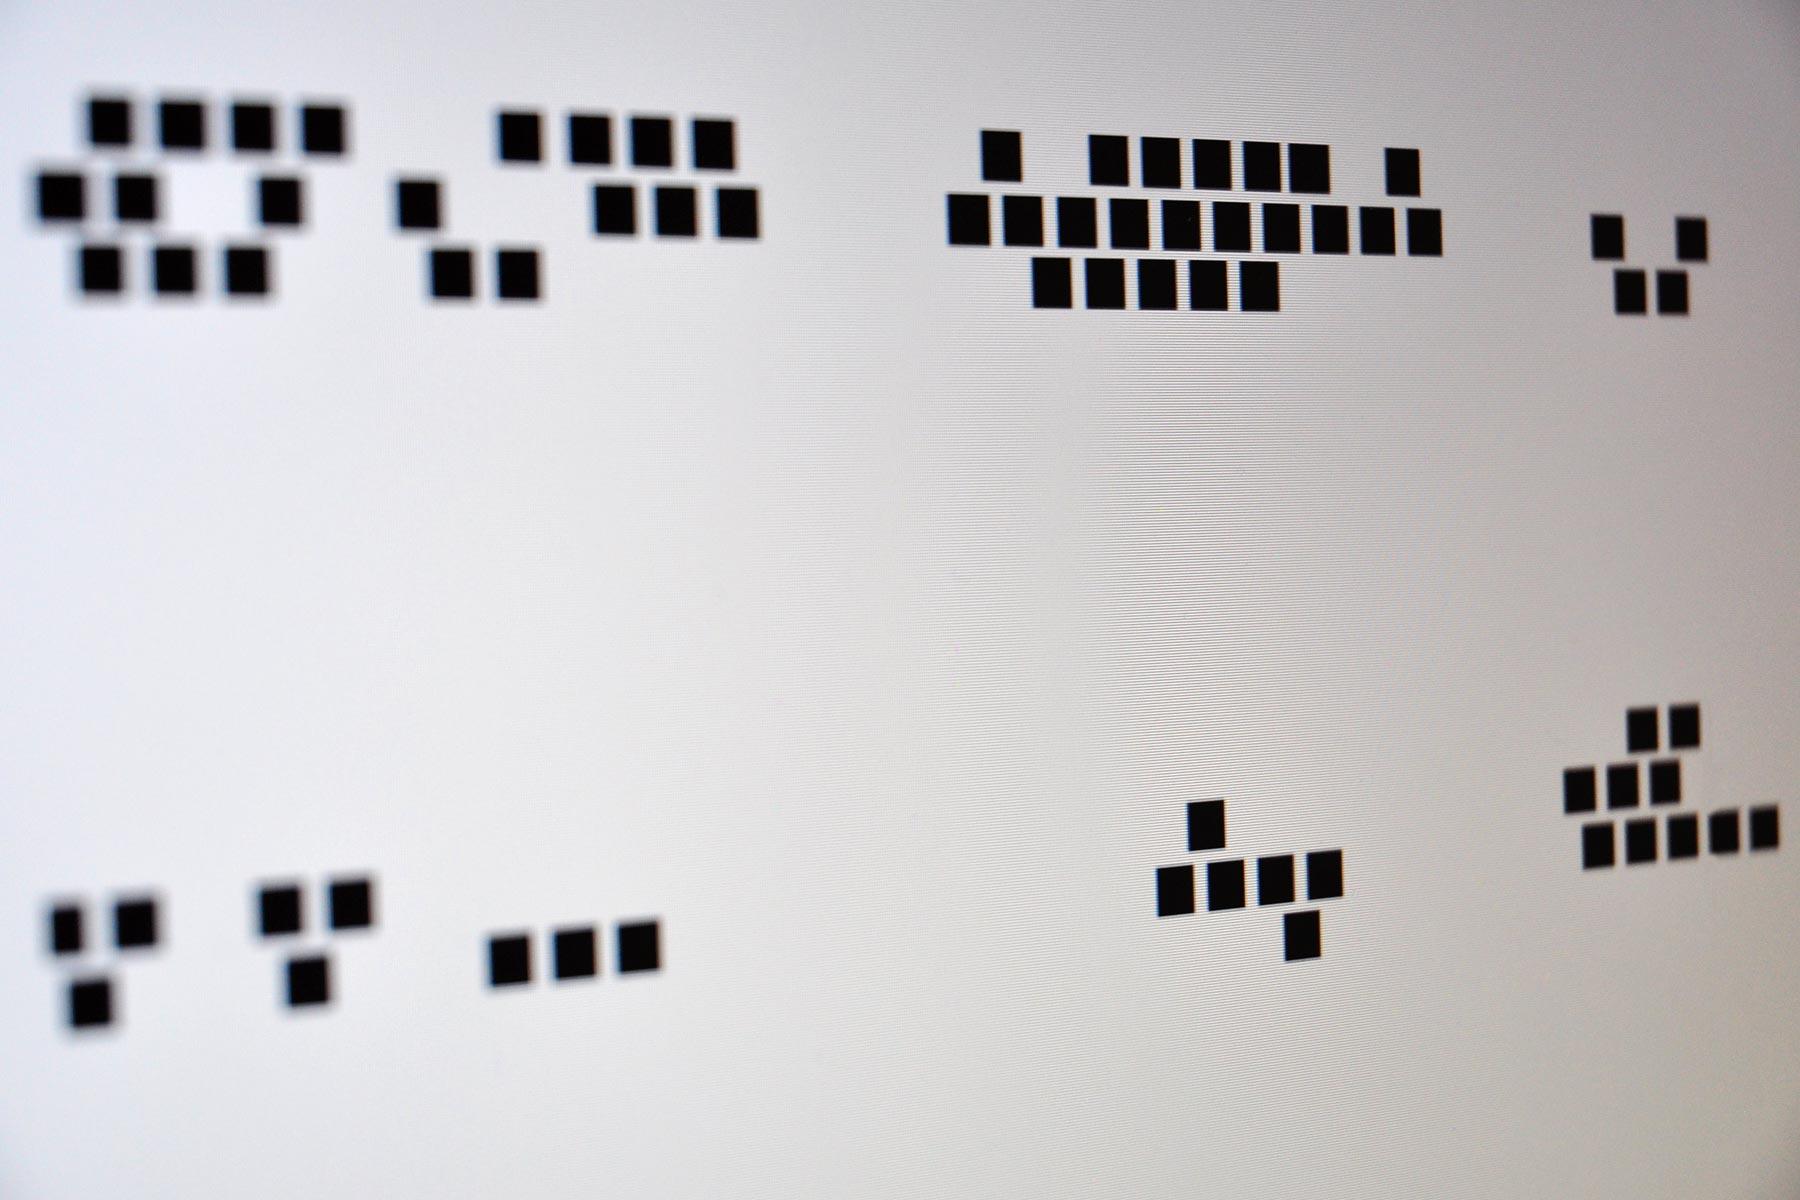 tastatur_5